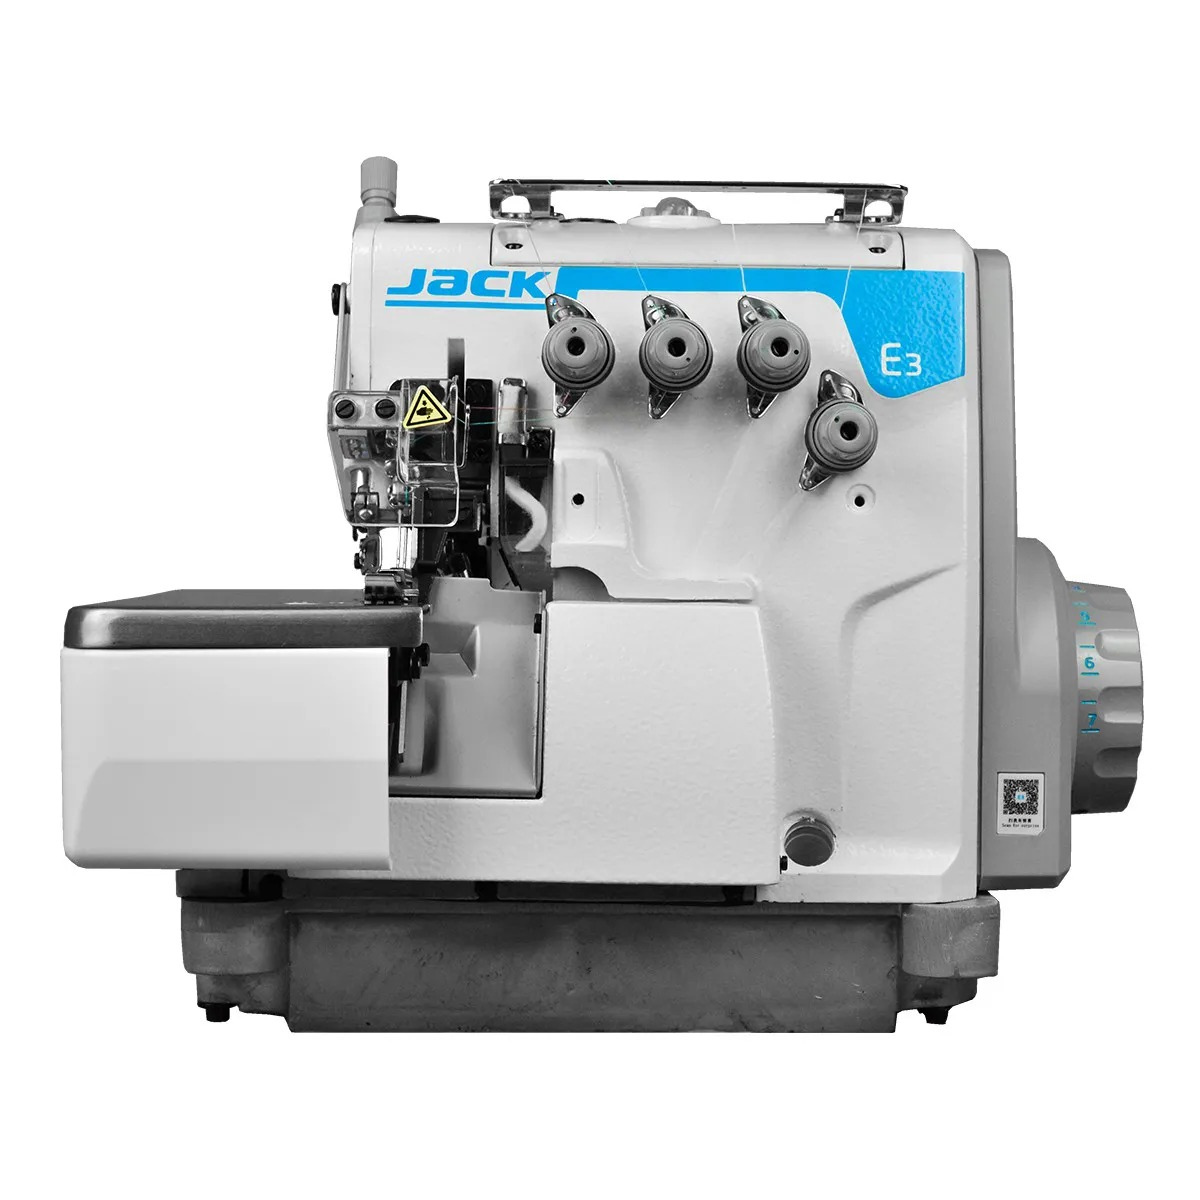 Máquina Costura Overloque JACK E-3 com motor Direct Drive